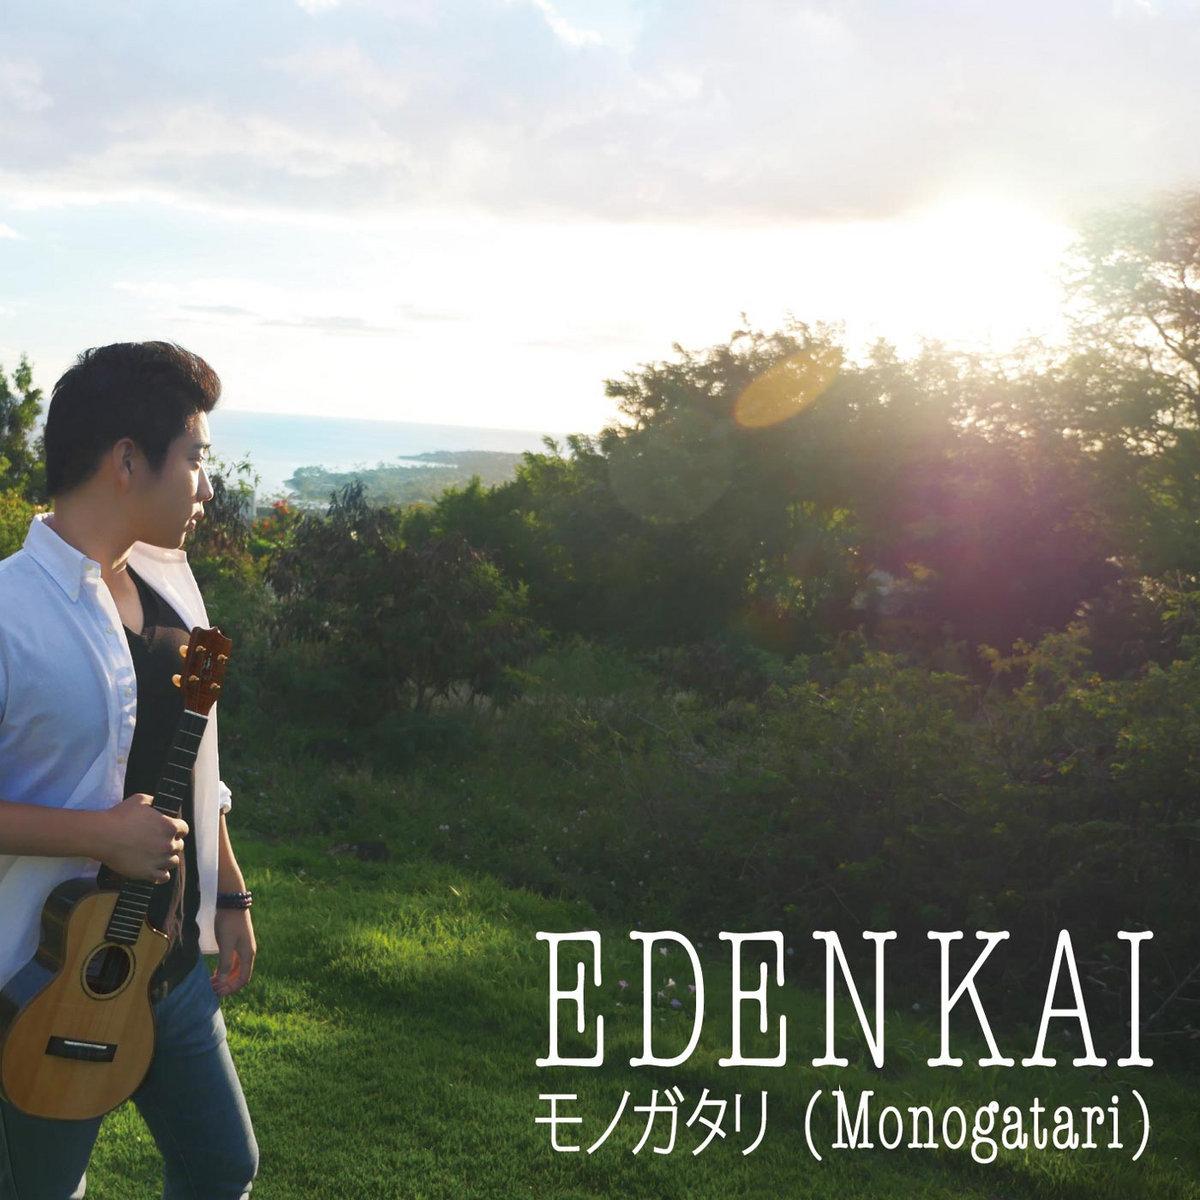 「 モノガタリ (Monogatari)」 by Eden Kai [イーデン・カイ] Yusuke Aizawa (鮎澤悠介)